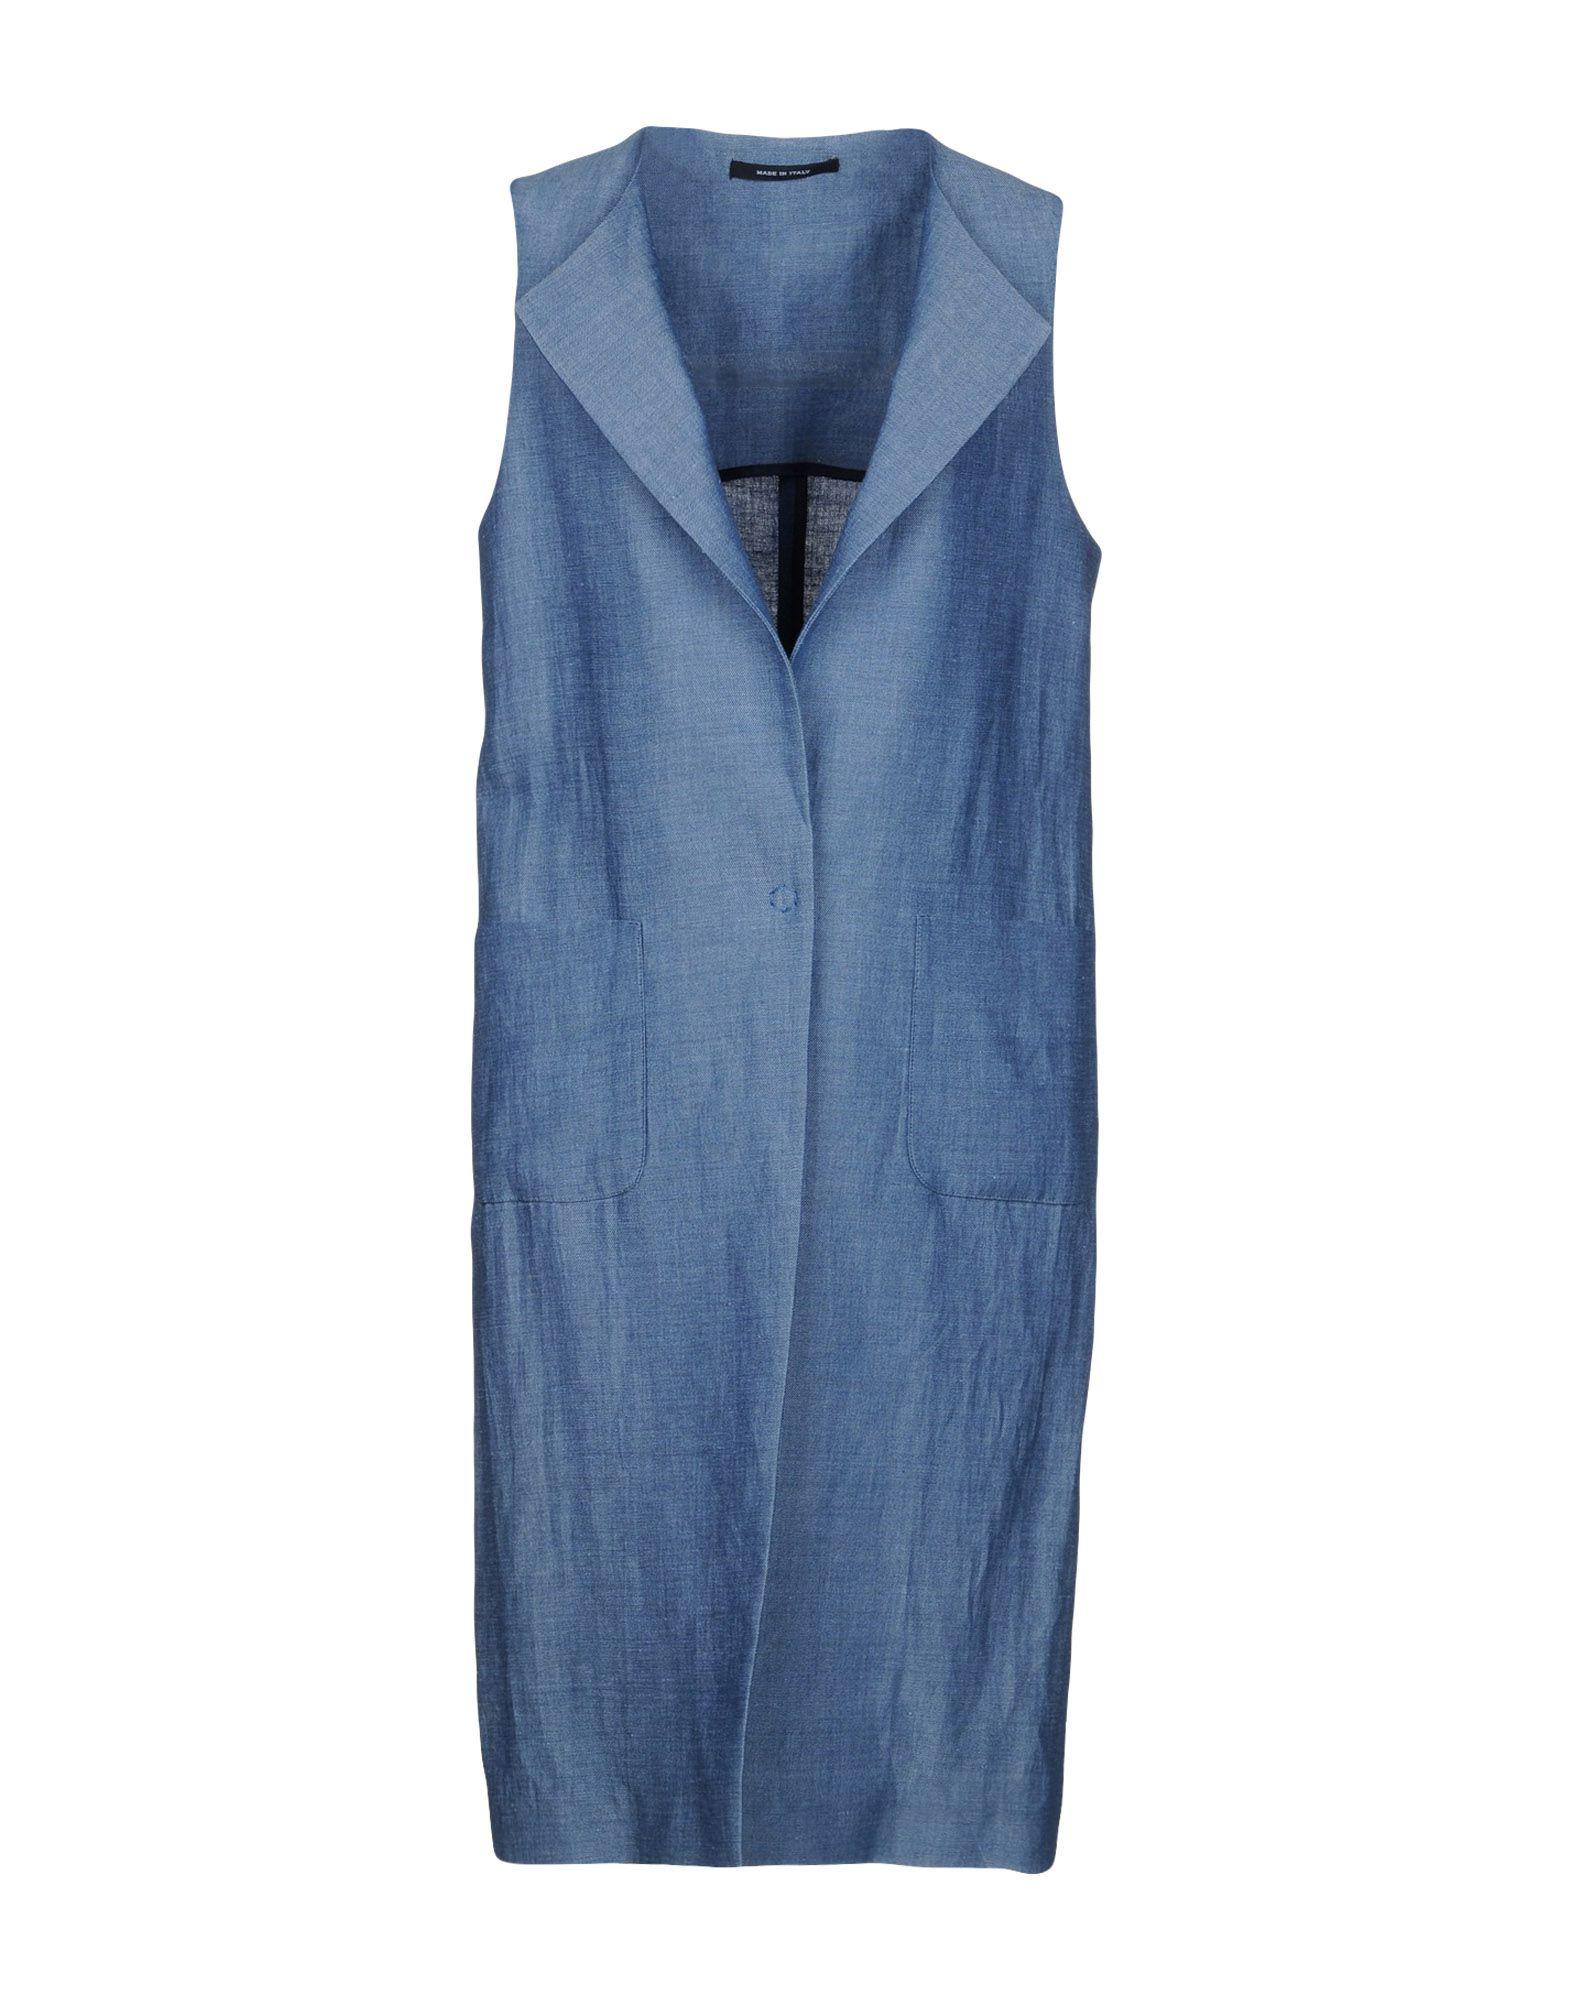 Giubbotto Jeans Tagliatore 02-05 Donna - Acquista online su Pe8ytlAr3